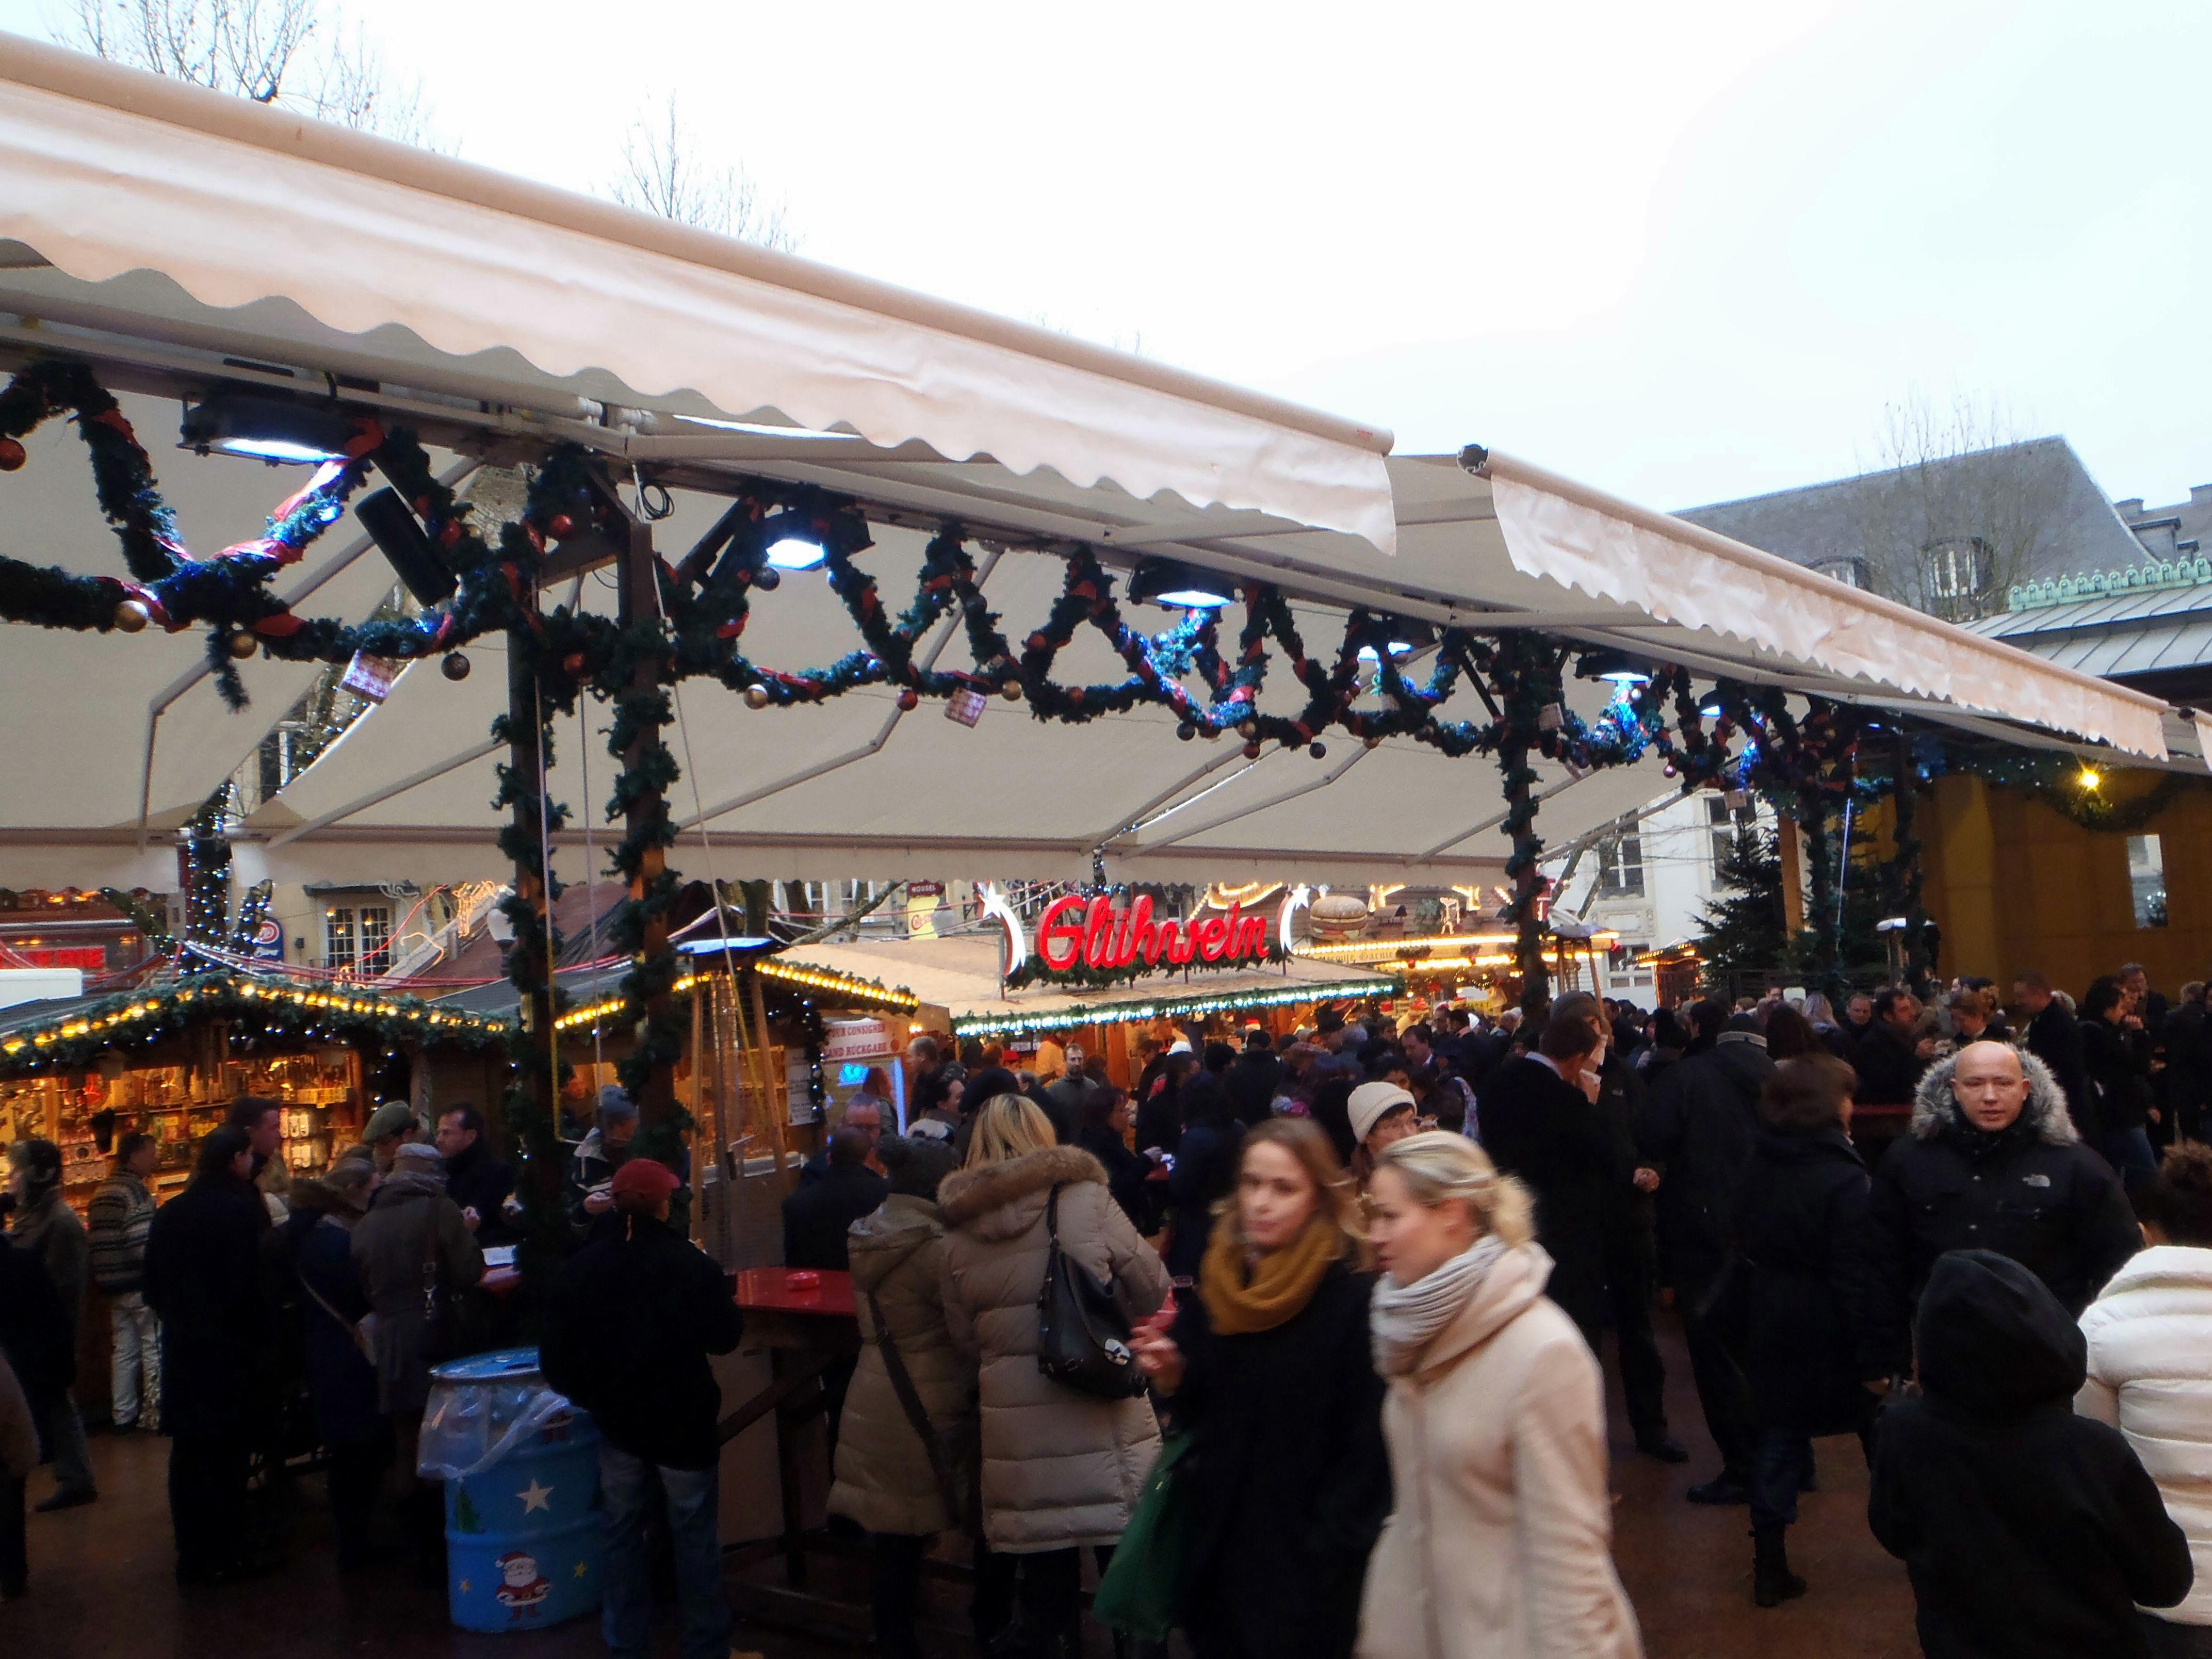 mercado de navidad Place D'armes